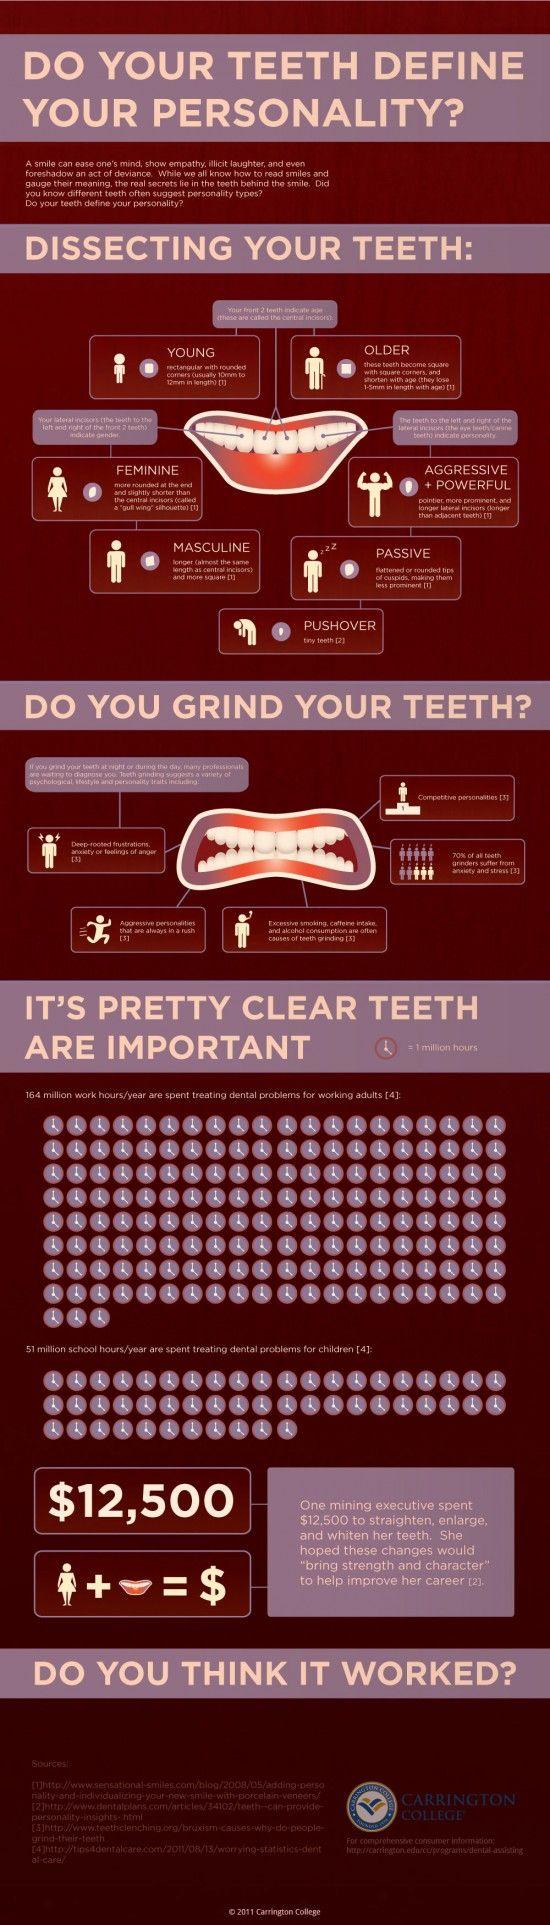 68 best Dental Health images on Pinterest | Dental health, Dental ...